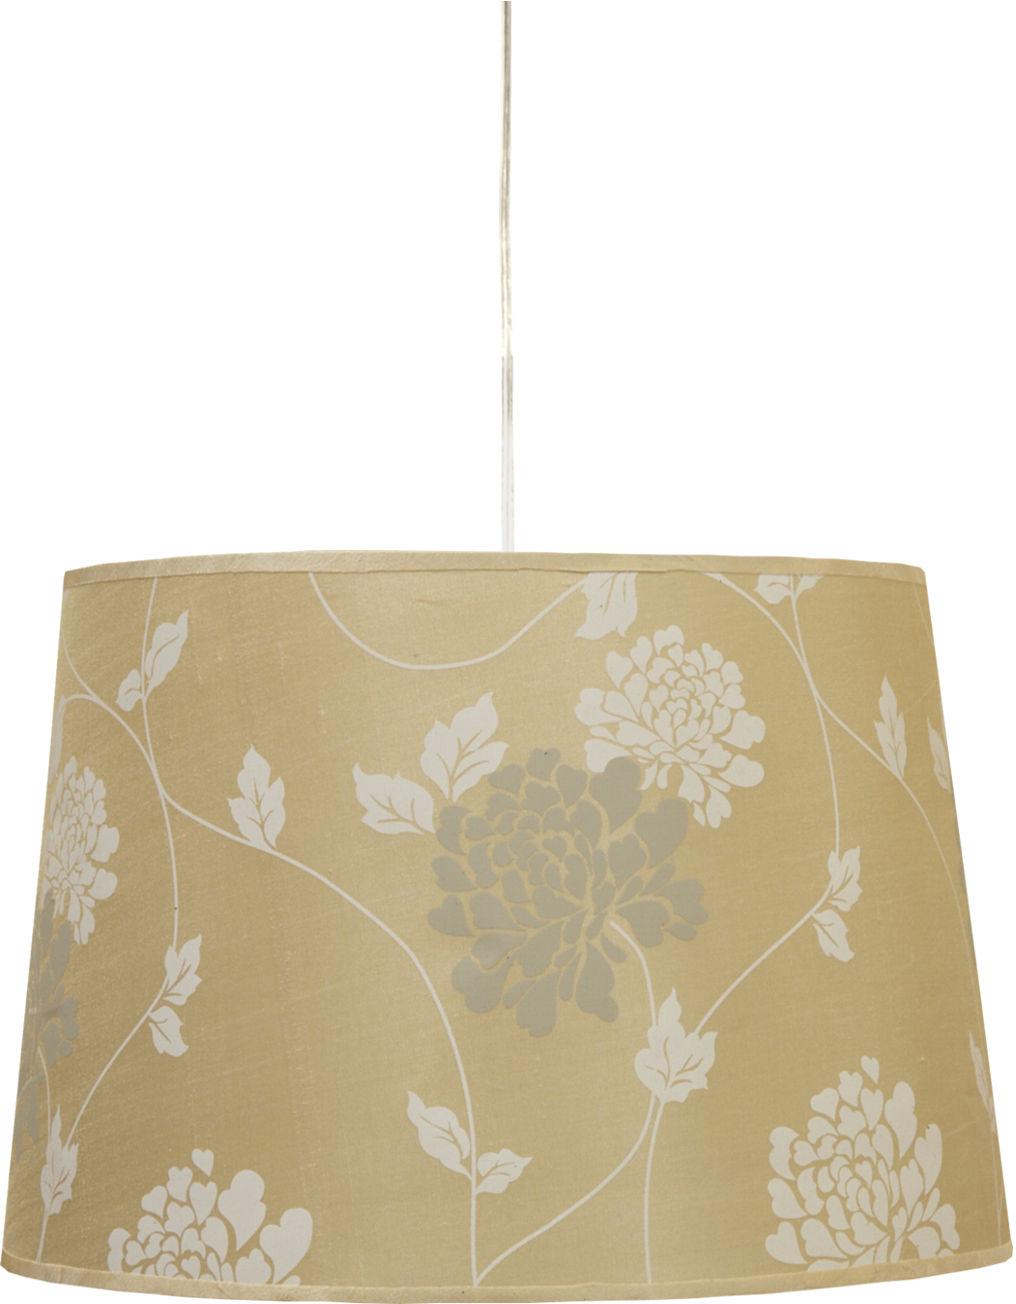 Candellux KAREN 31-03225 lampa wisząca stożkowy abażur z roślinnym motywem biały 1X60W E27 35 cm